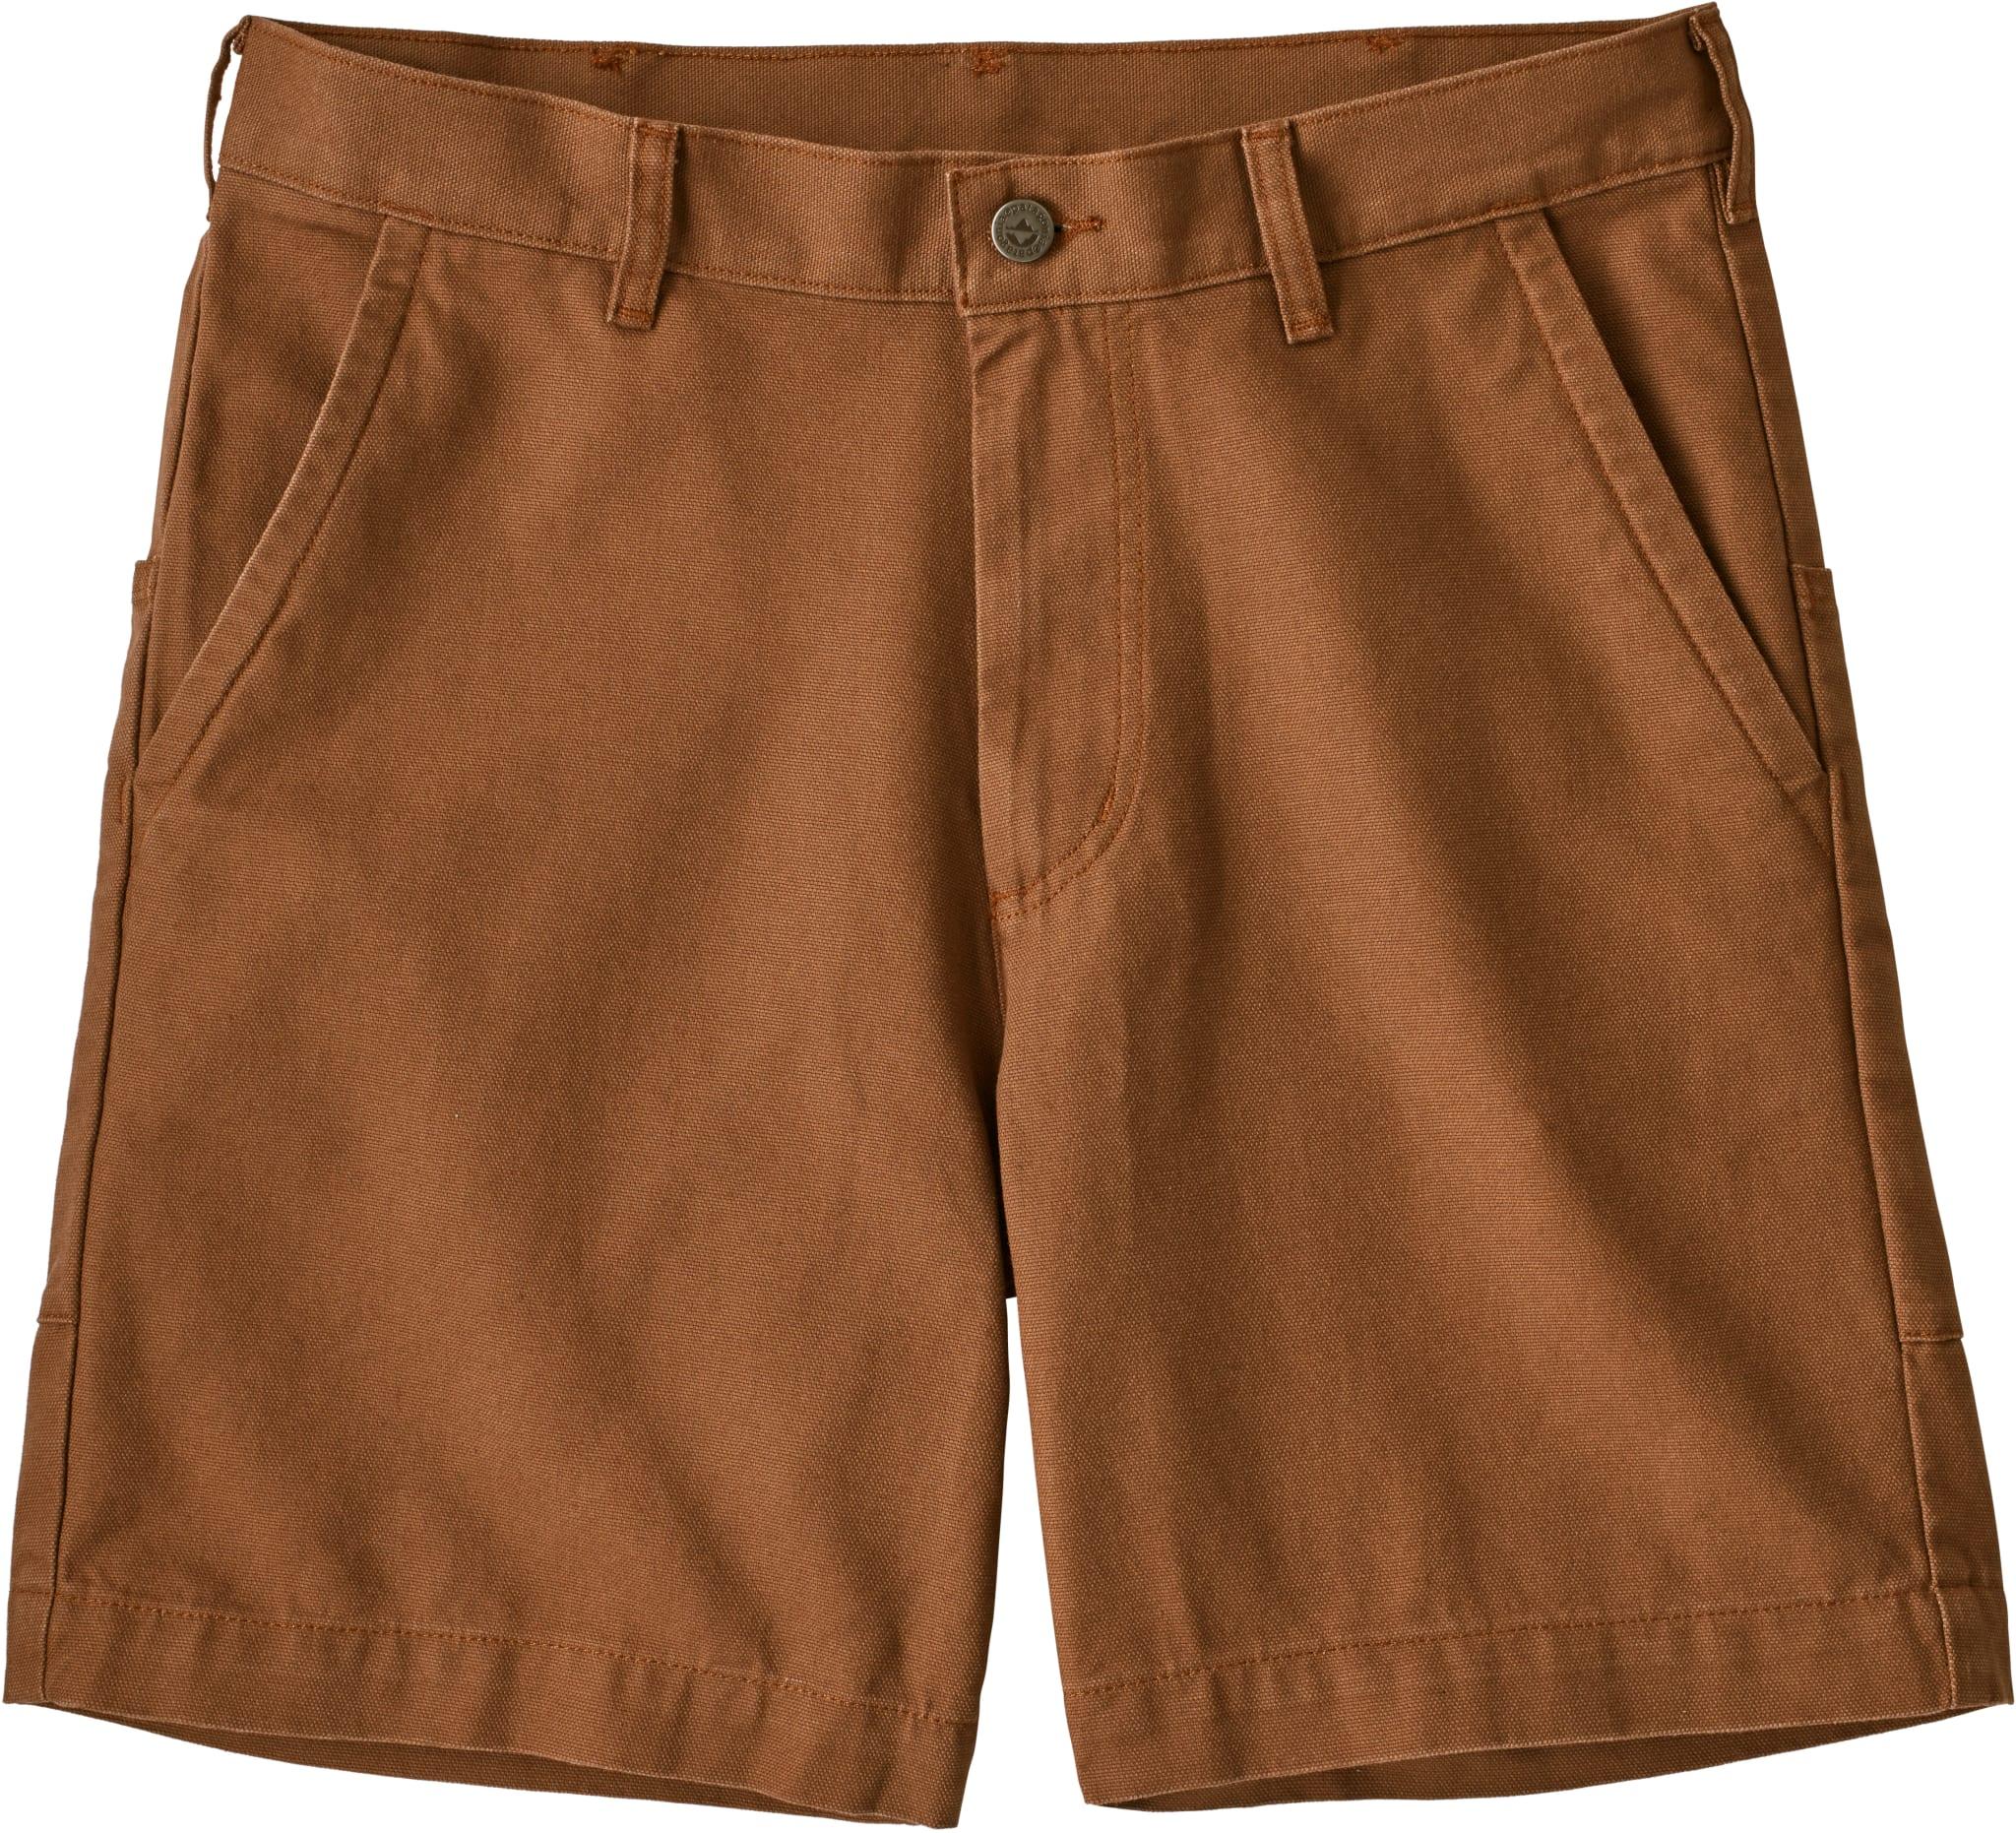 Kraftig shorts i organisk bomull